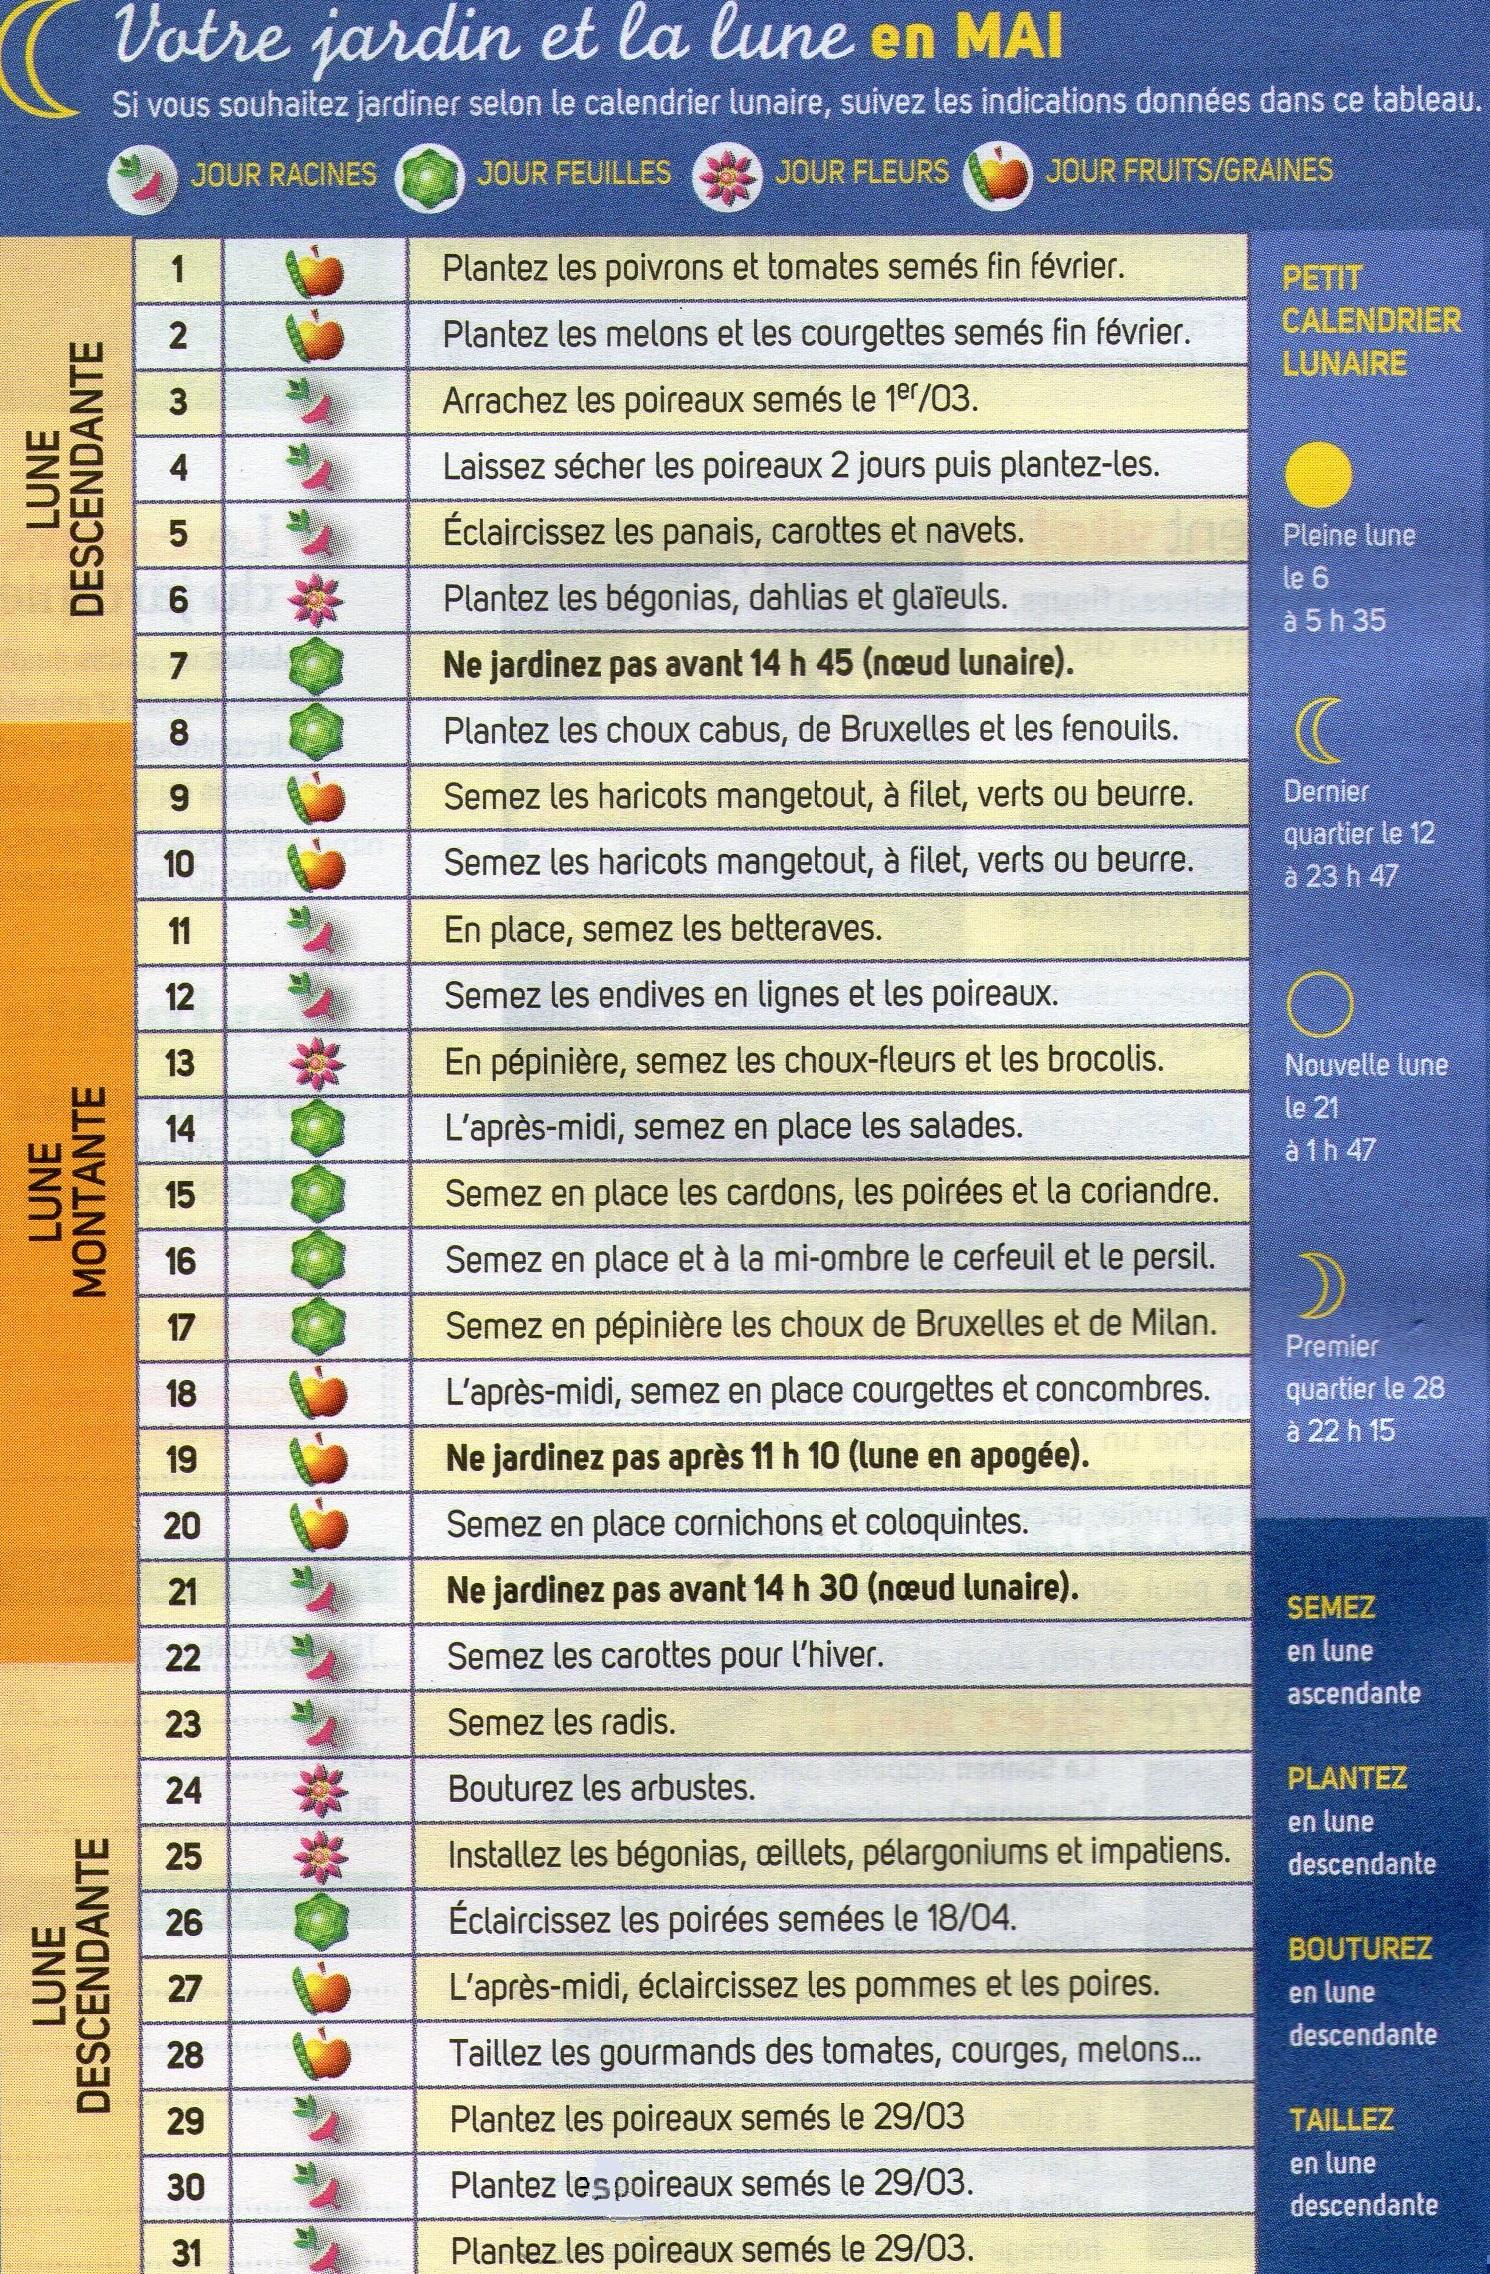 Votre jardin et la lune en mai 2012 trucs et conseils colos - Calendrier lunaire jardin mai 2017 ...